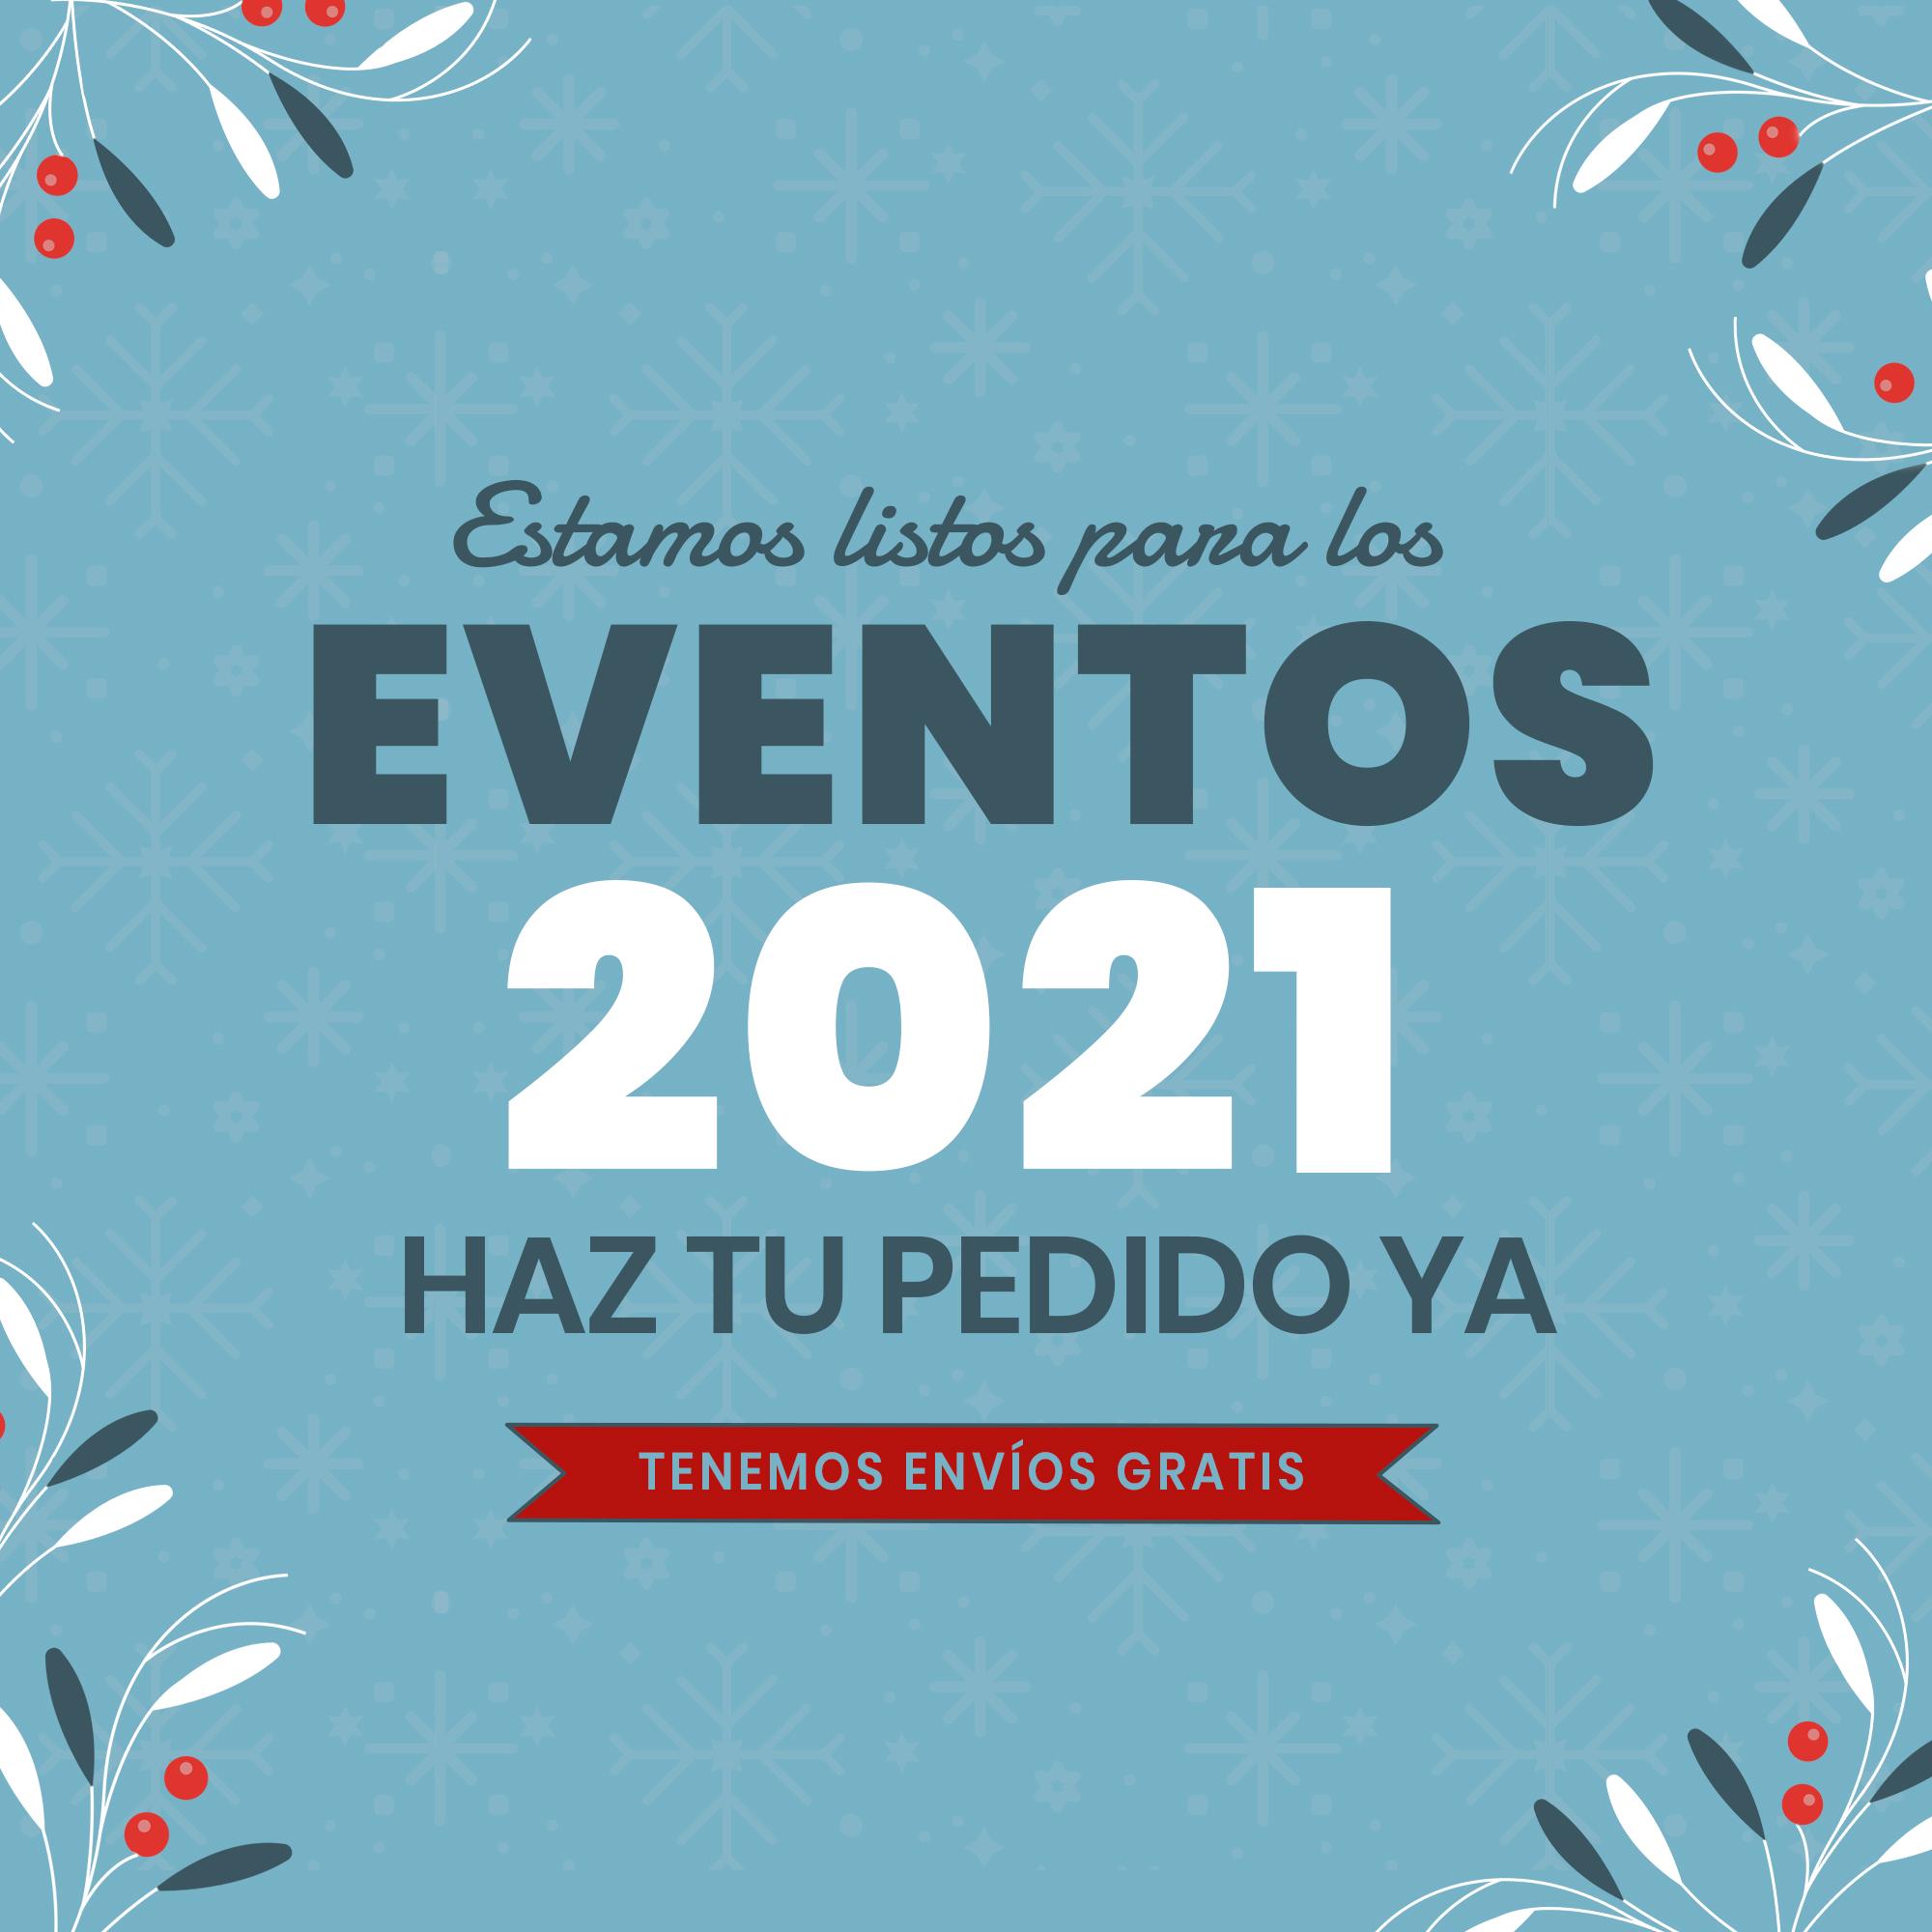 eventos 2021